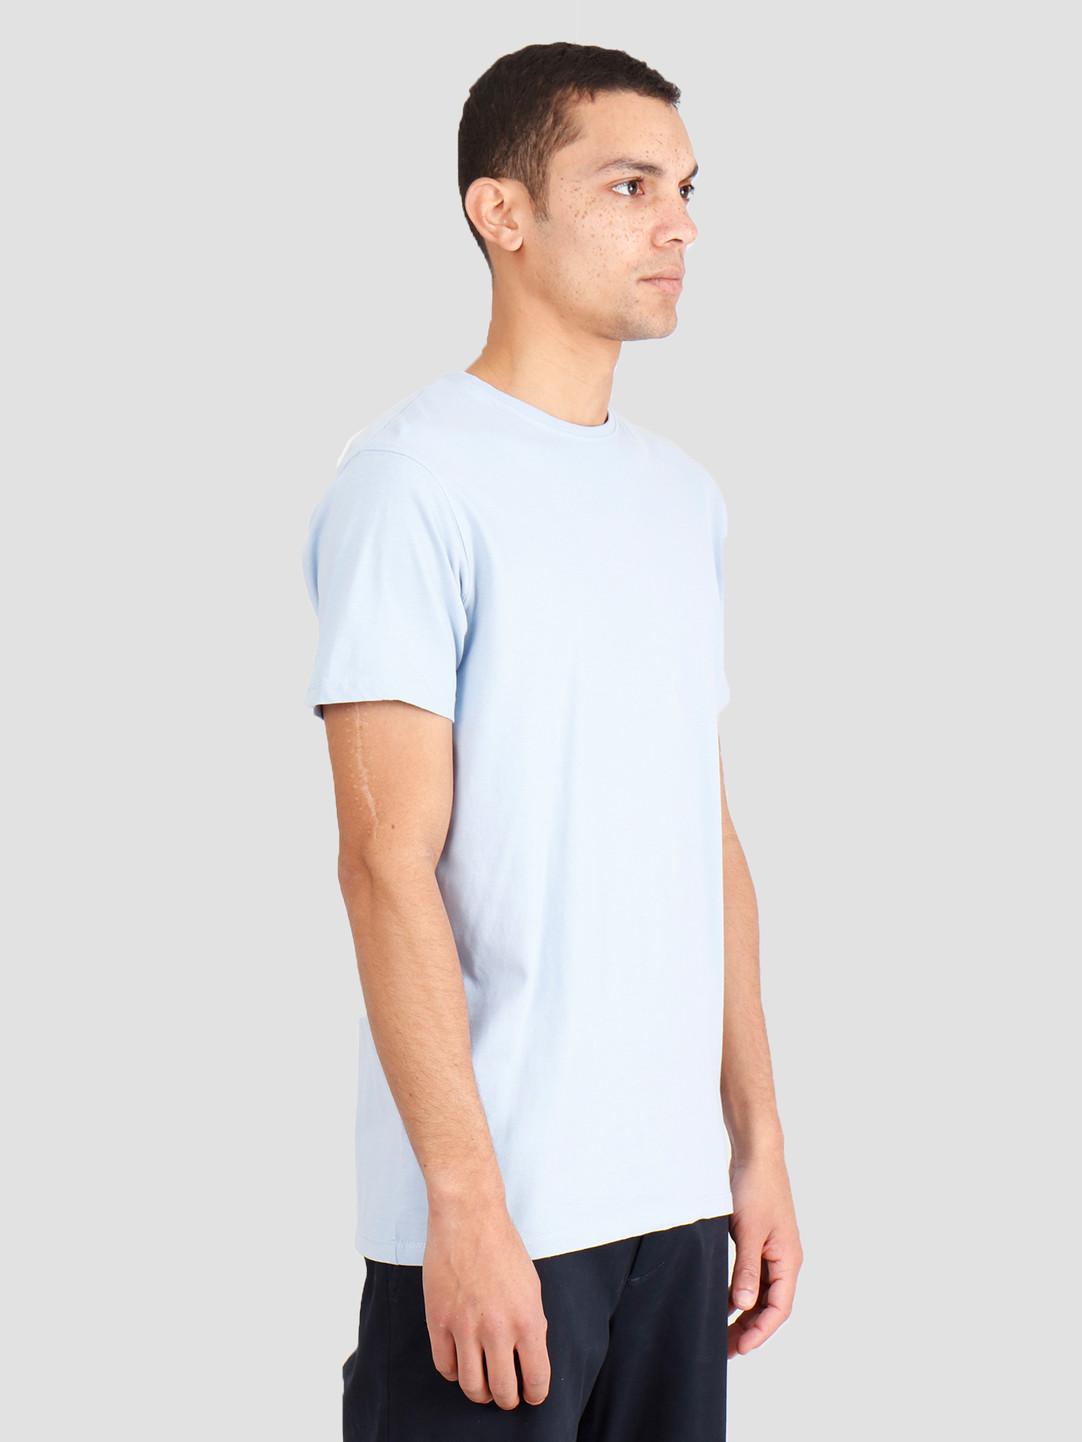 Kronstadt Kronstadt Basic T-Shirt Lt Blue KS2797